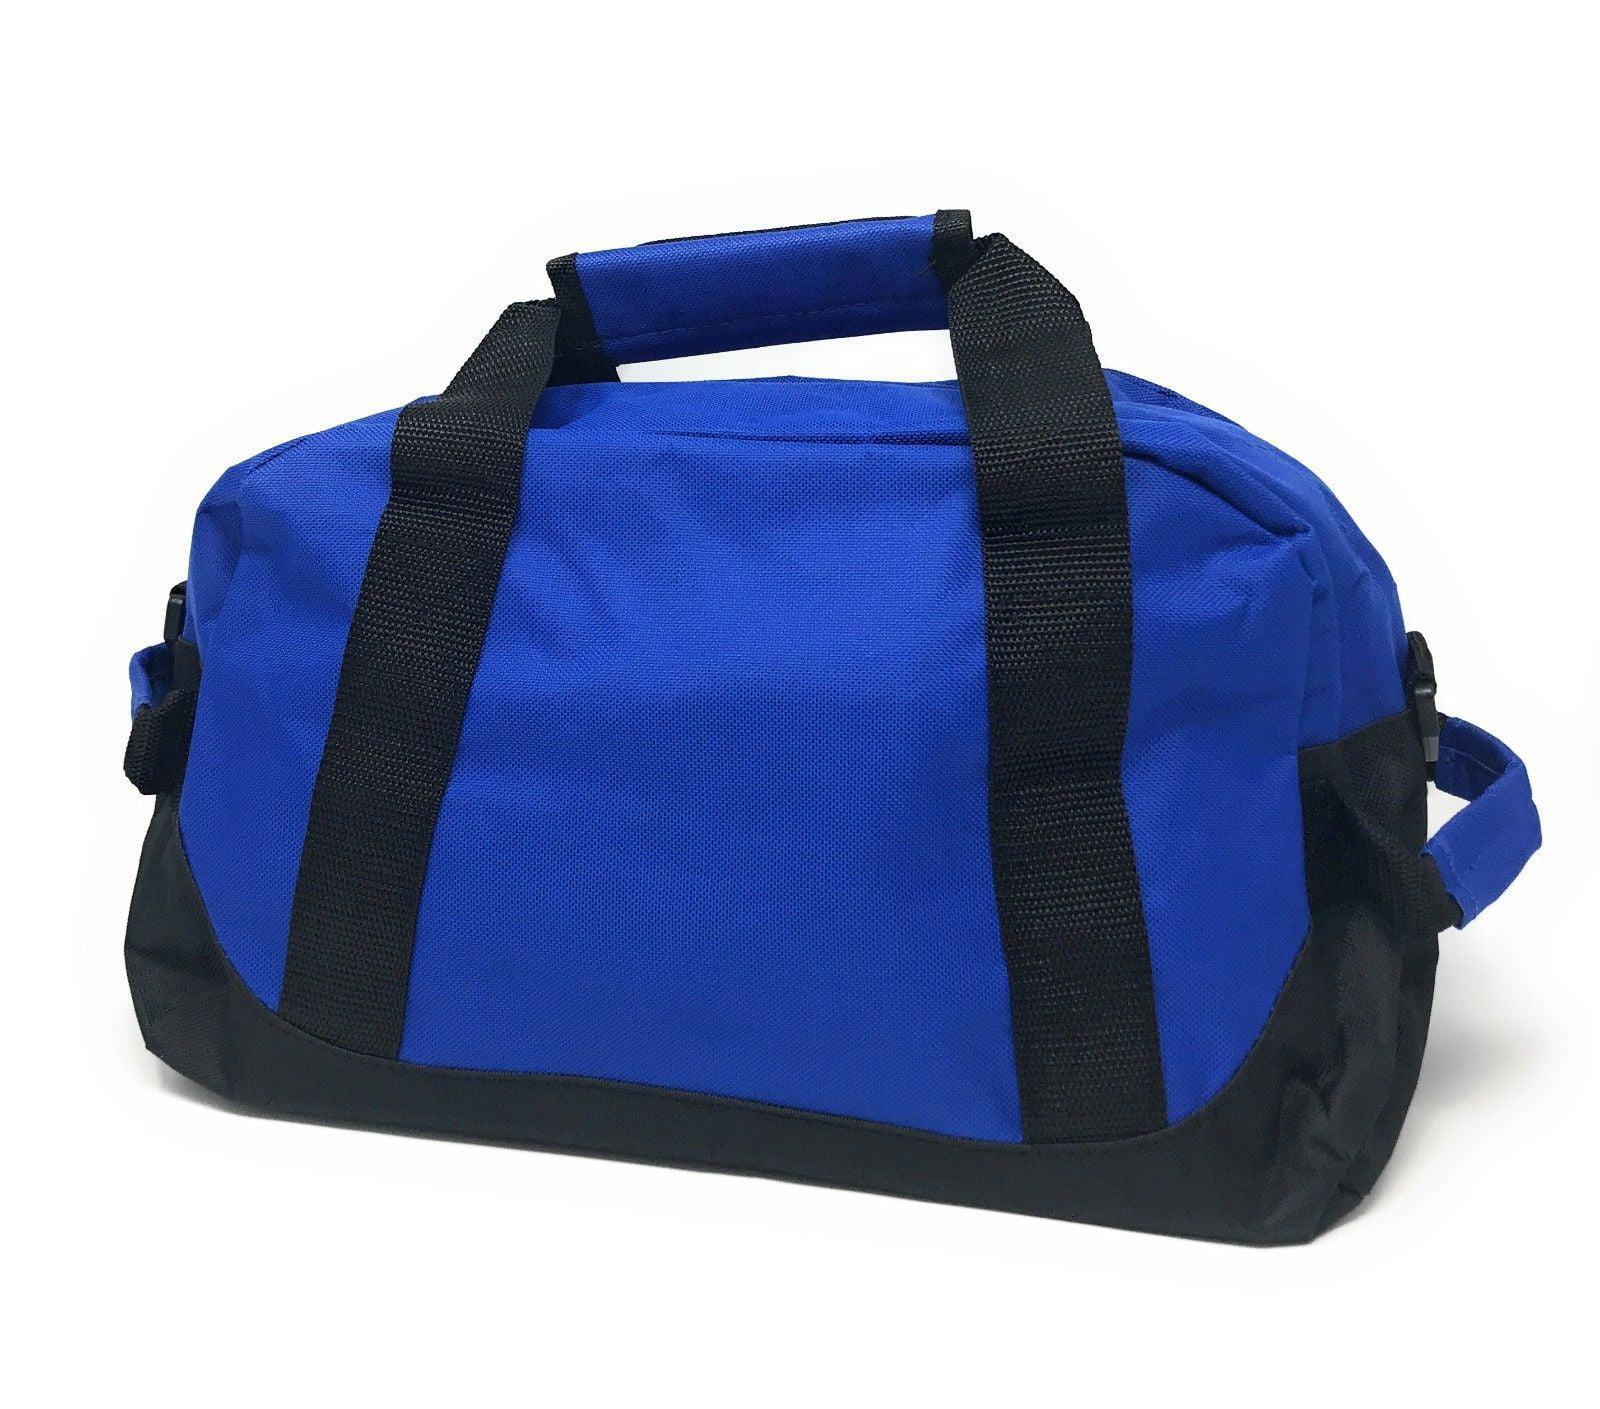 b21f7ffe5209 14 quot  Sports Duffle Bags School Travel Gym Locker Carry-On Luggage -  Walmart.com